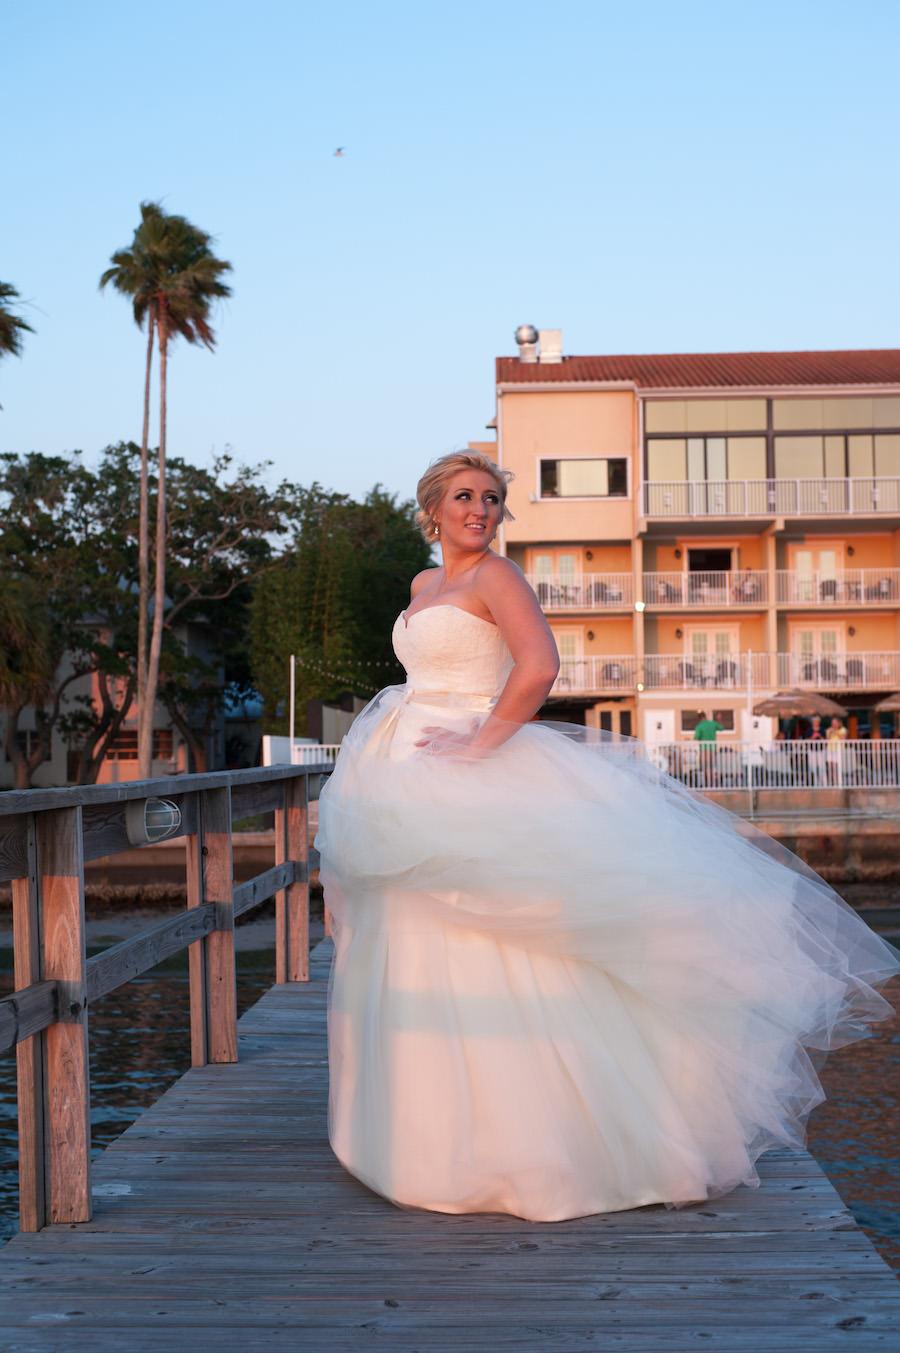 Outdoor, Bridal Wedding Portrait on Dock at Waterfront Dunedin Wedding Venue Beso Del Sol